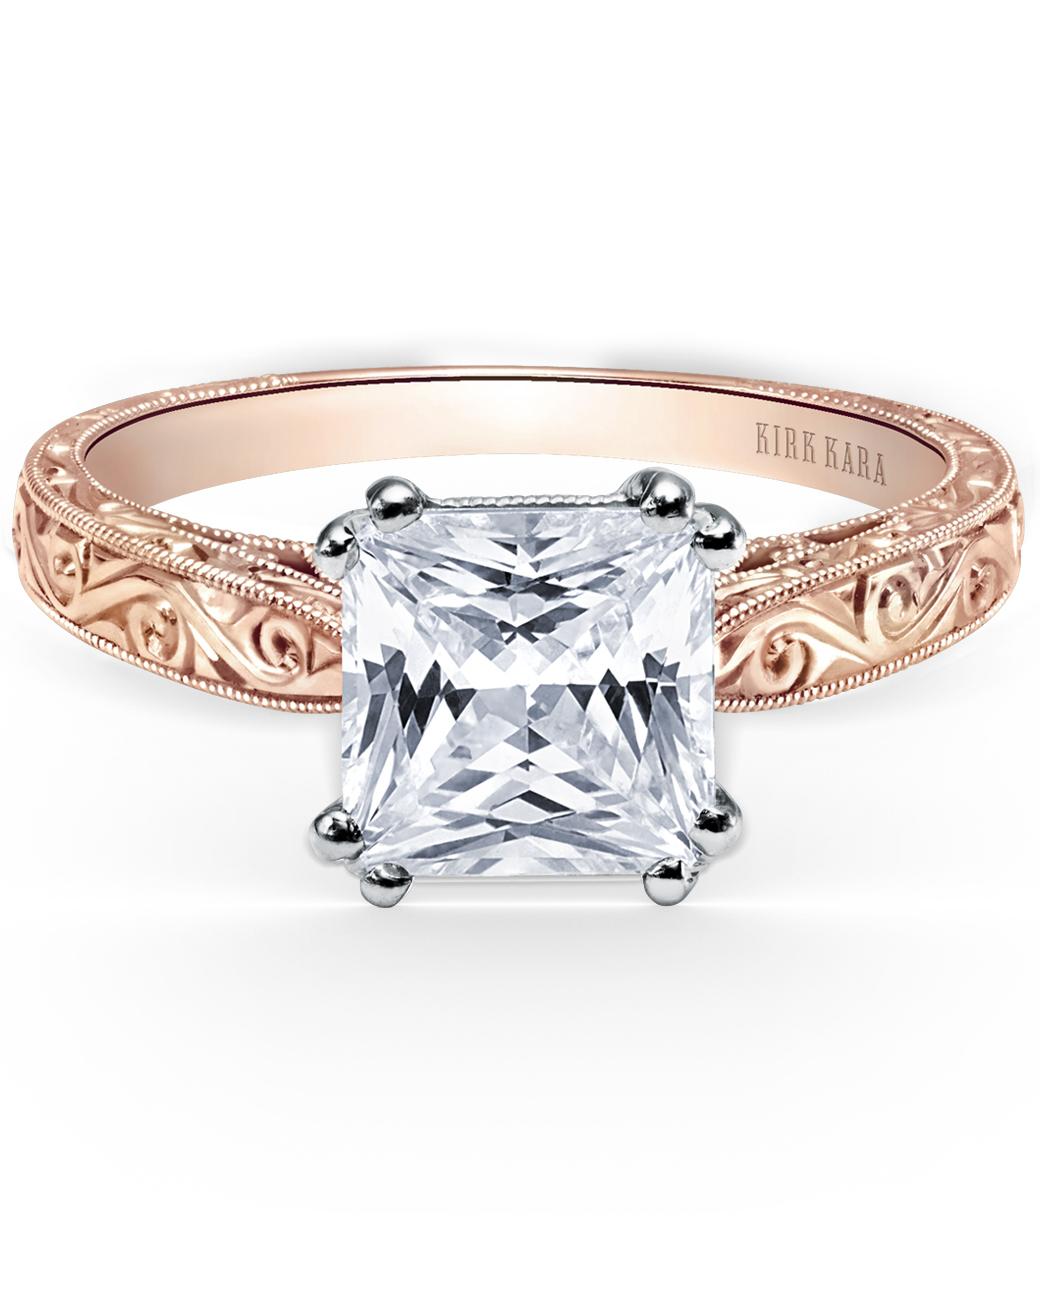 kirk-kara-rose-gold-stella-princess-cut-engagement-ring-0816.jpg